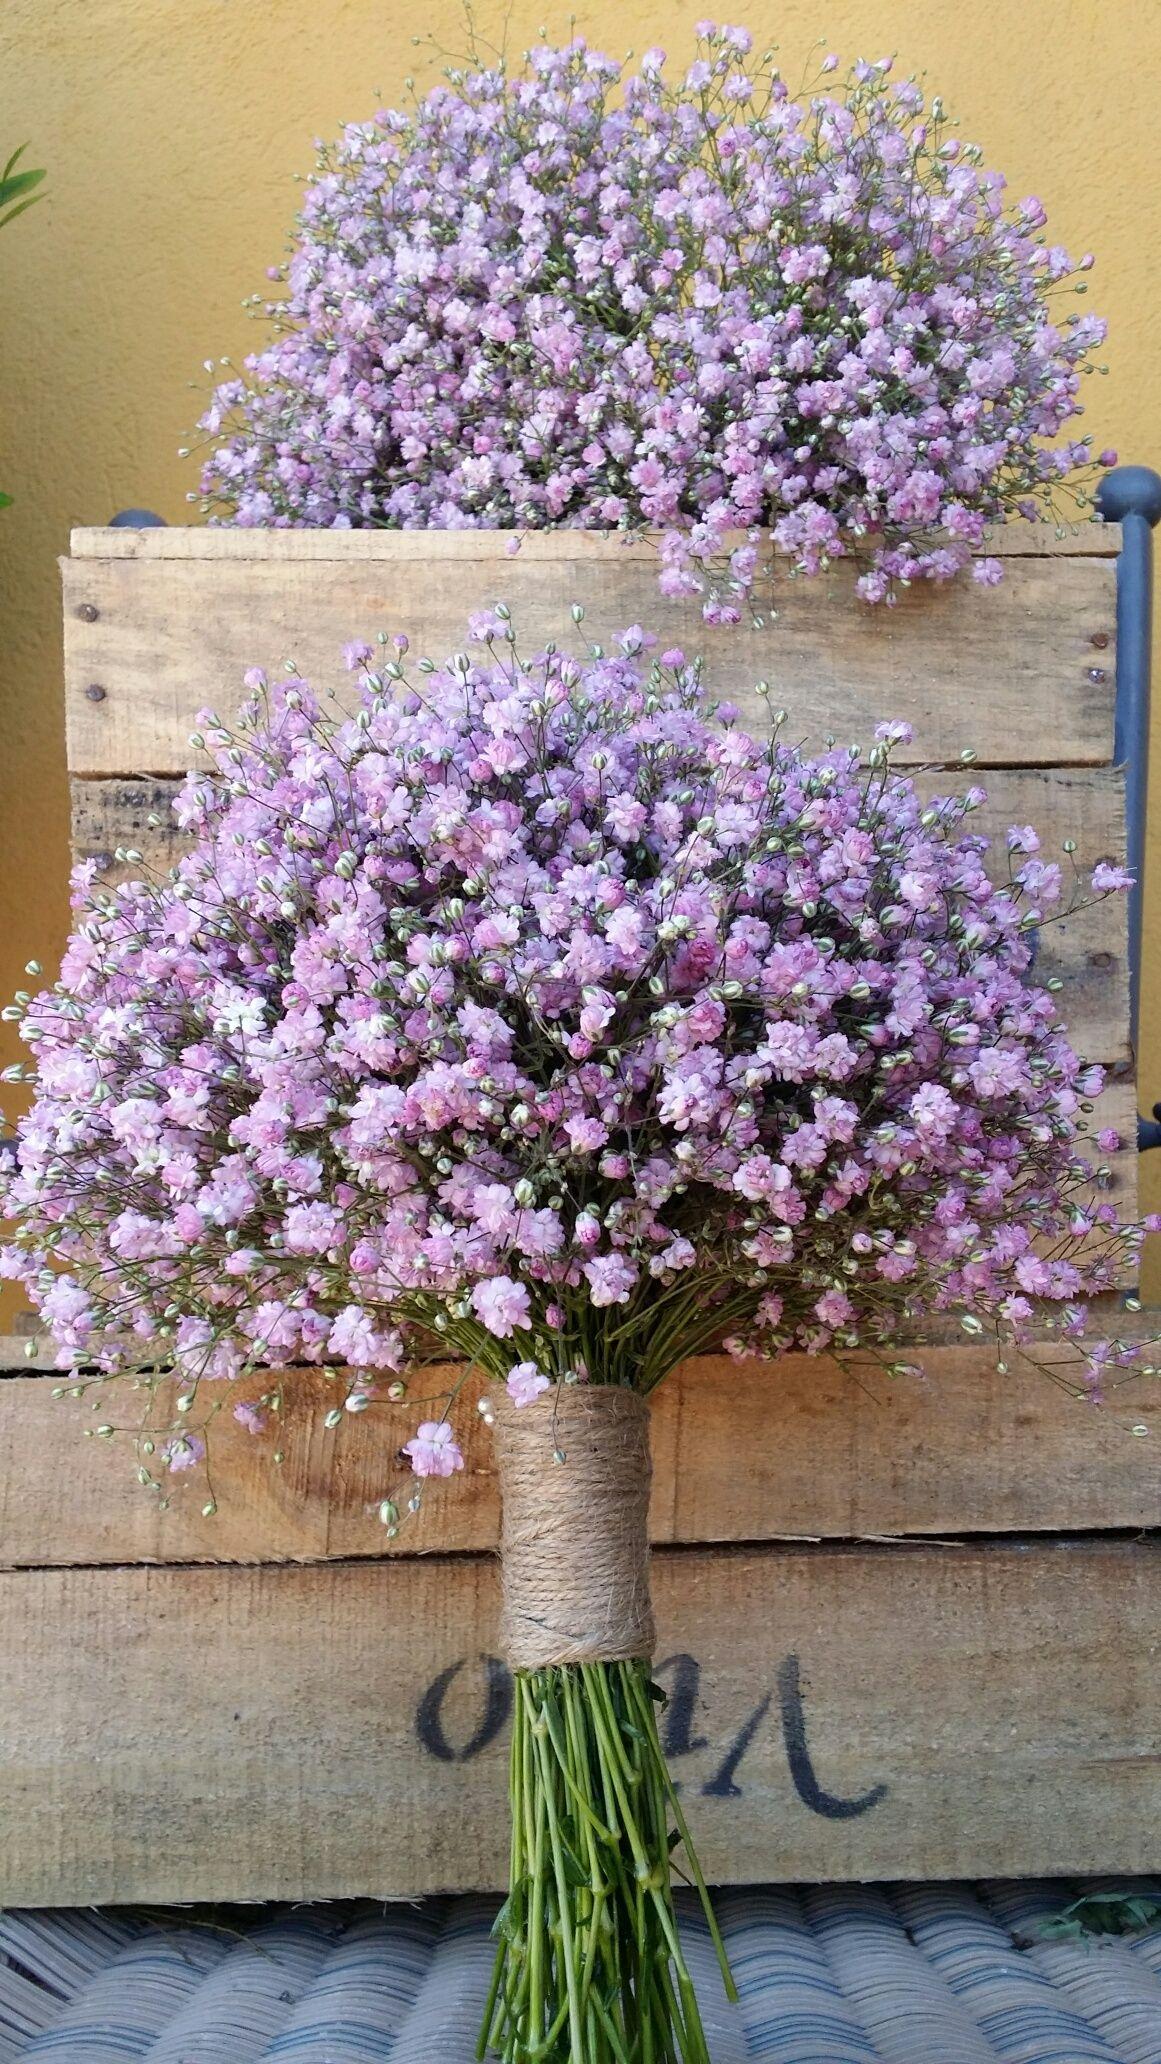 The 25 best flores secas decoracion ideas on pinterest flores prensadas flores flotantes and - Flores secas decoracion ...